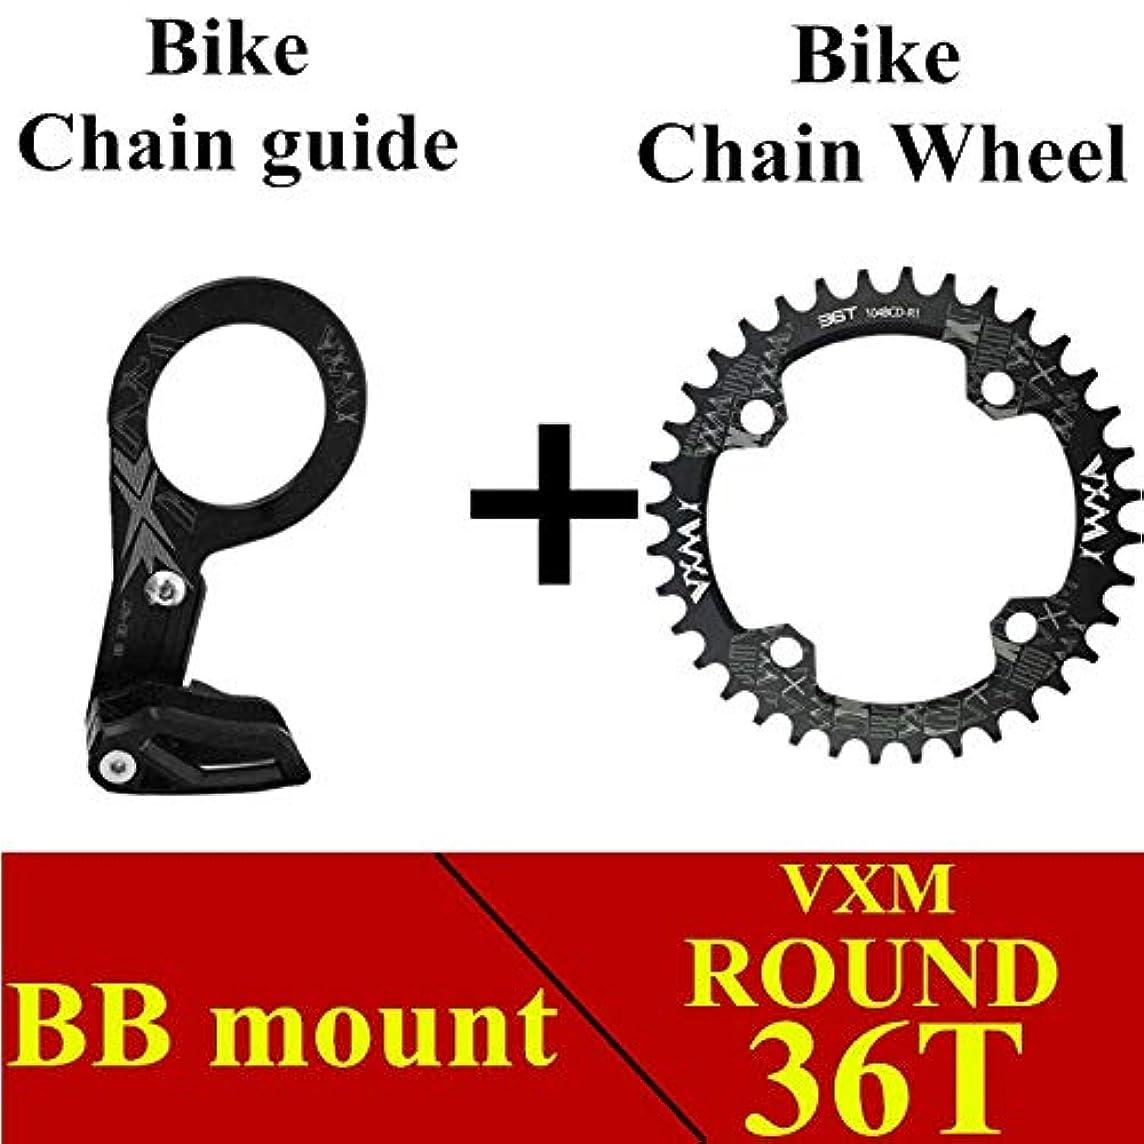 未来子孫フォアマンPropenary - Bicycle Crank & Chainwheel 104BCD 32T/34T/36T/38T Round Narrow Wide Chainring Bike Chain guide protector Bicycle Parts [ BB Black 36T ]